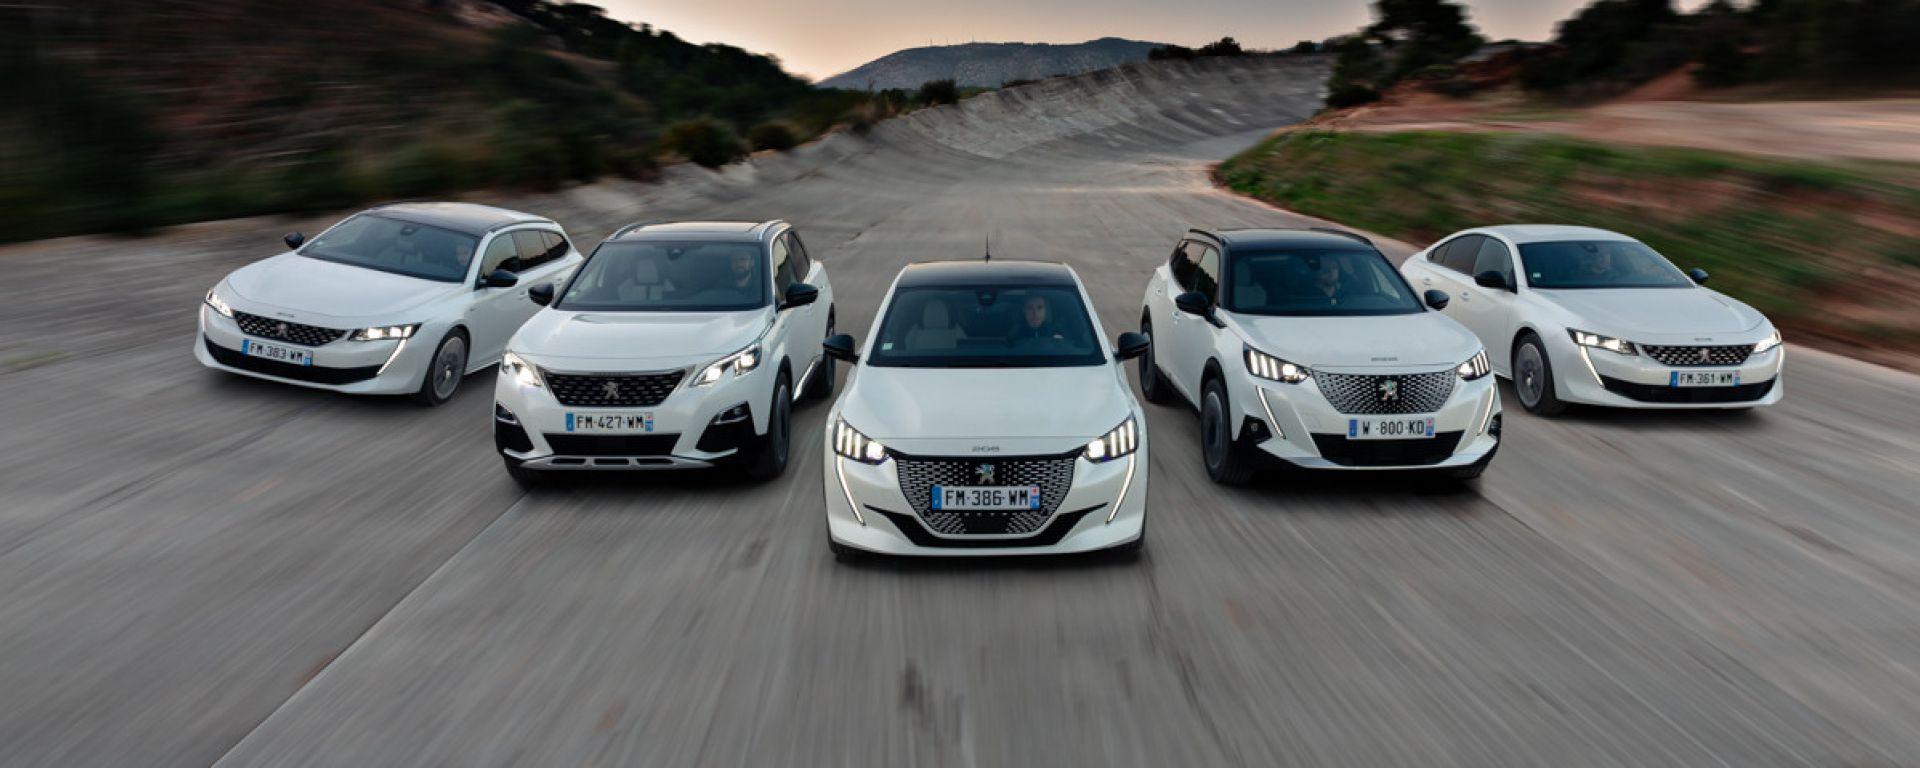 Ecoincentivi Peugeot